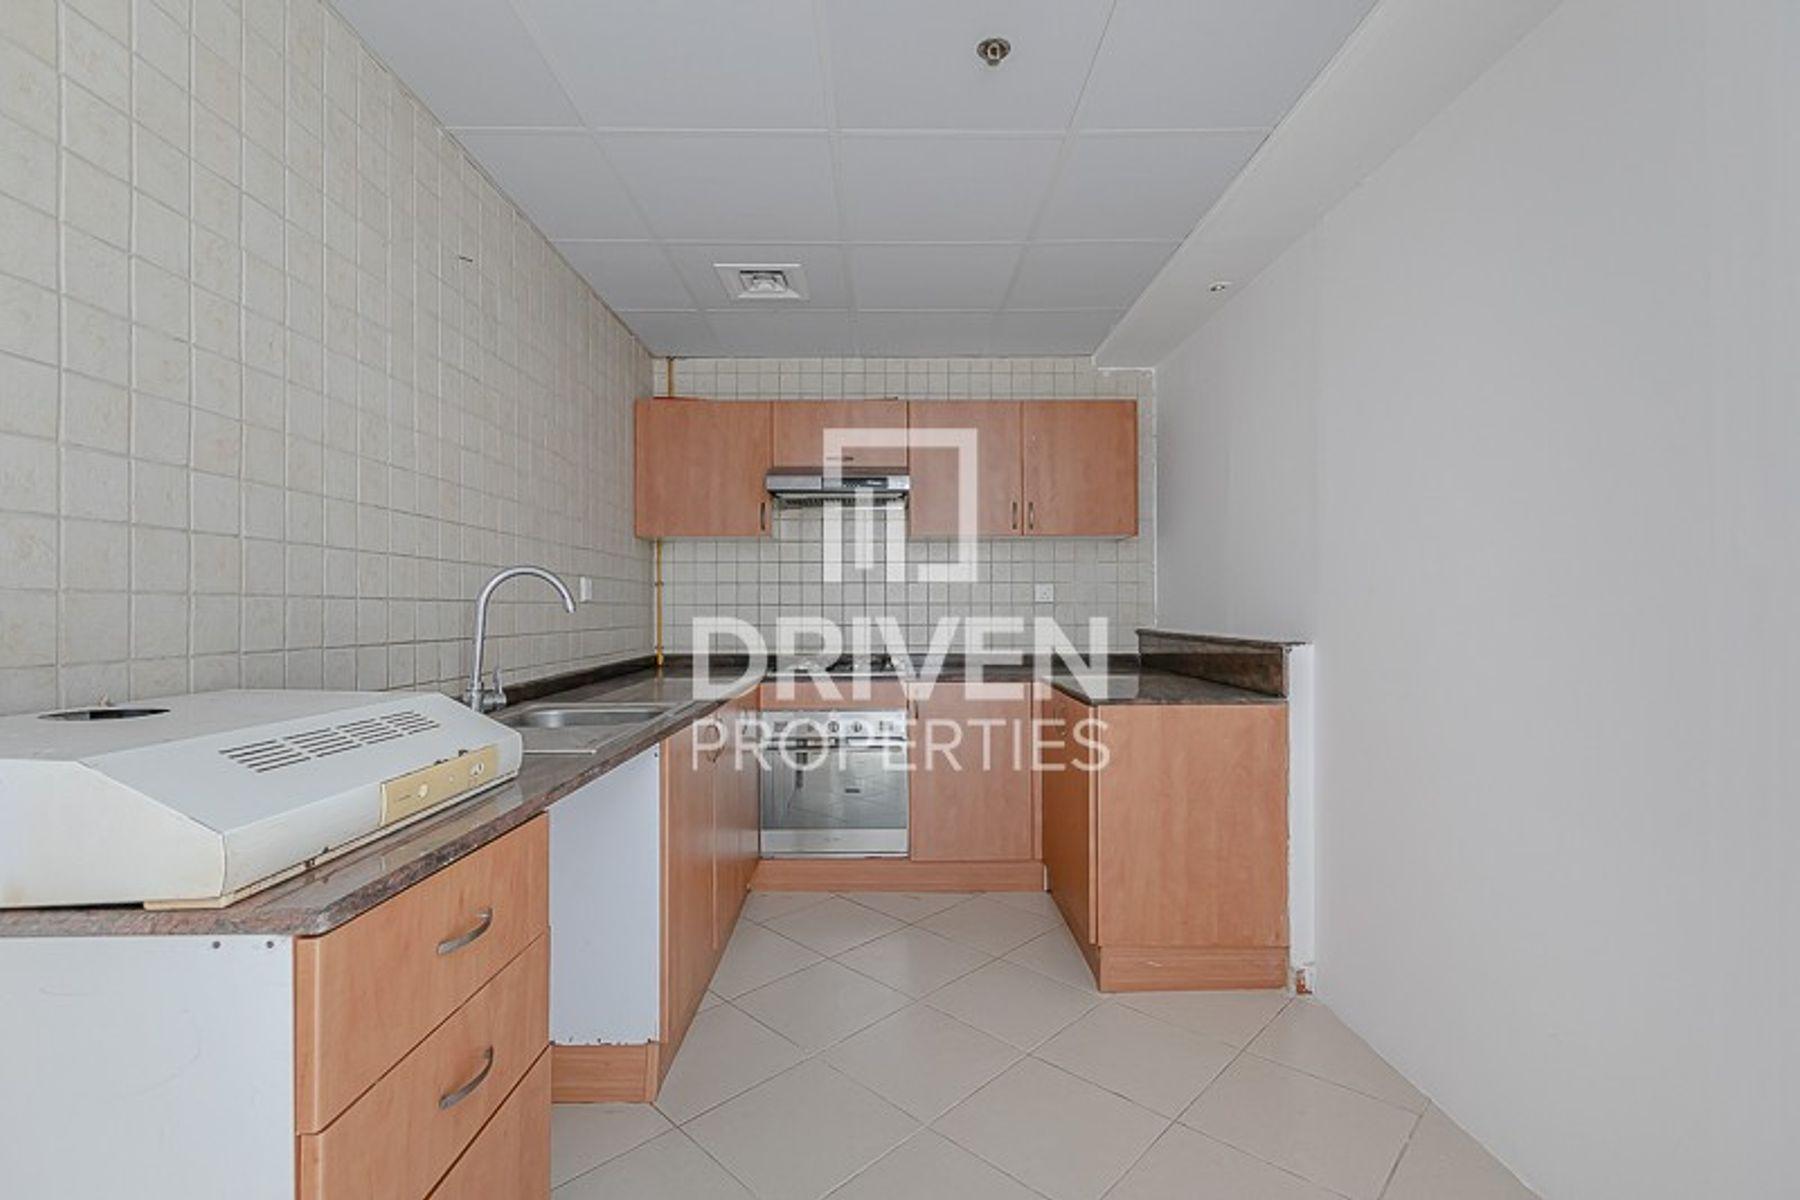 754 قدم مربع  شقة - للايجار - دبي مارينا